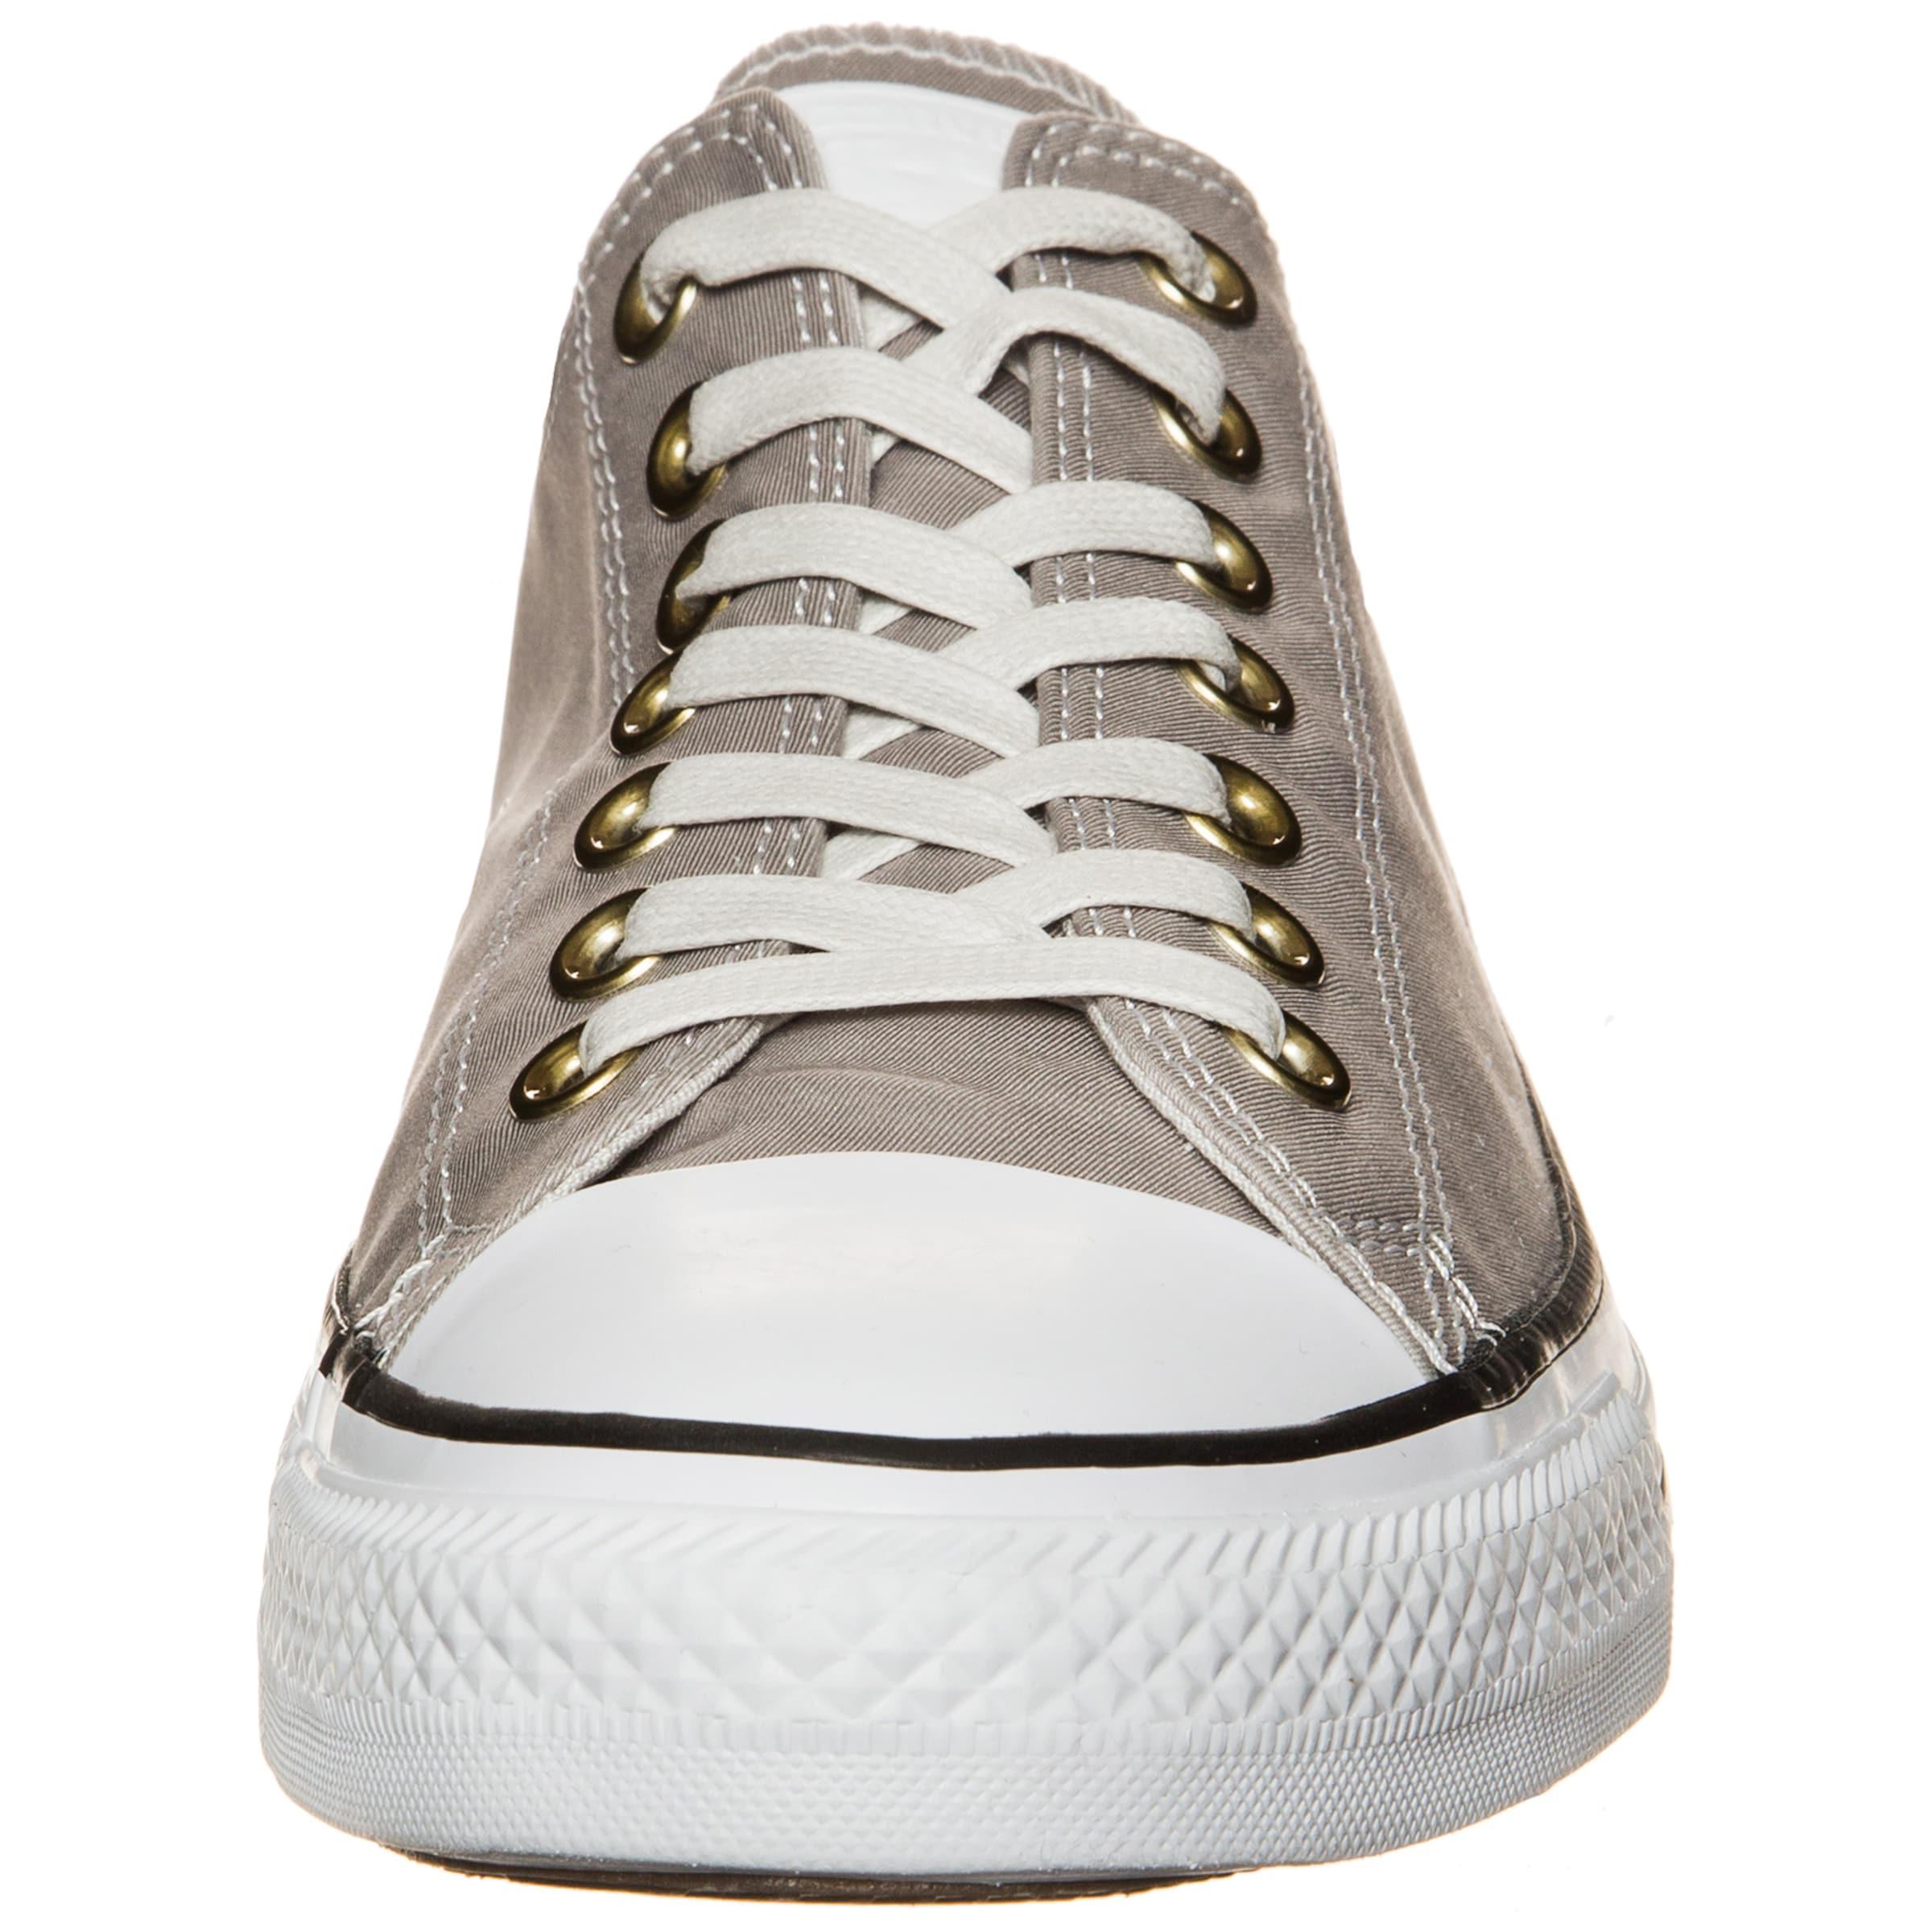 CONVERSE 'Chuck Taylor All Star OX' Sneaker Bestseller Zum Verkauf yDhBeruX9